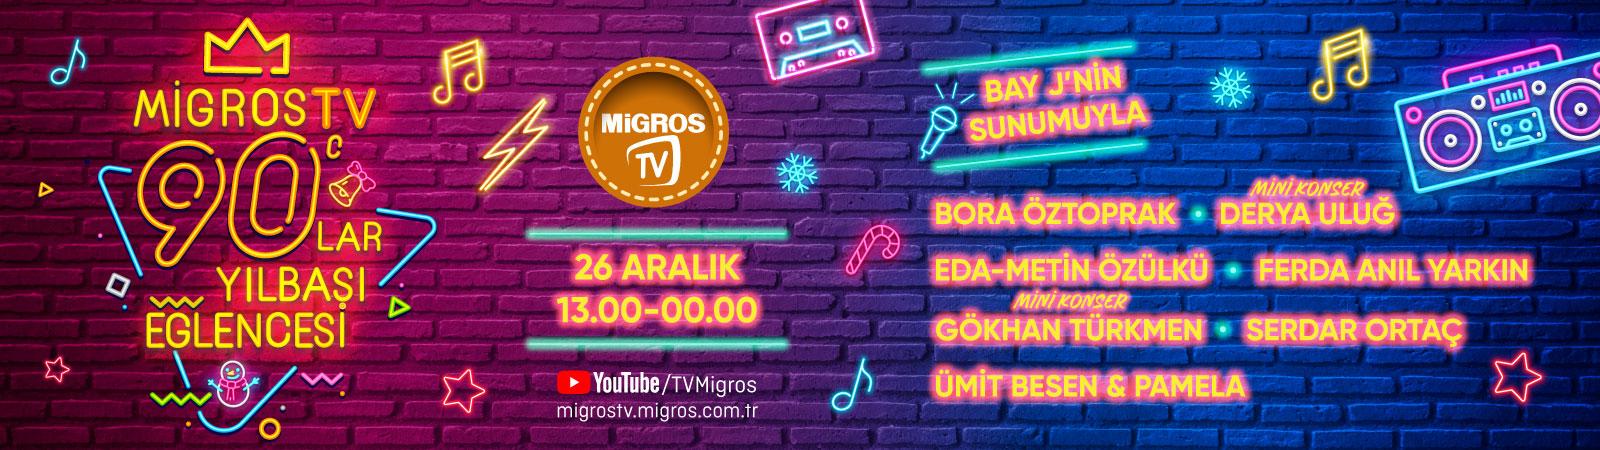 MigrosTV 90'lar Yılbaşı Eğlencesi